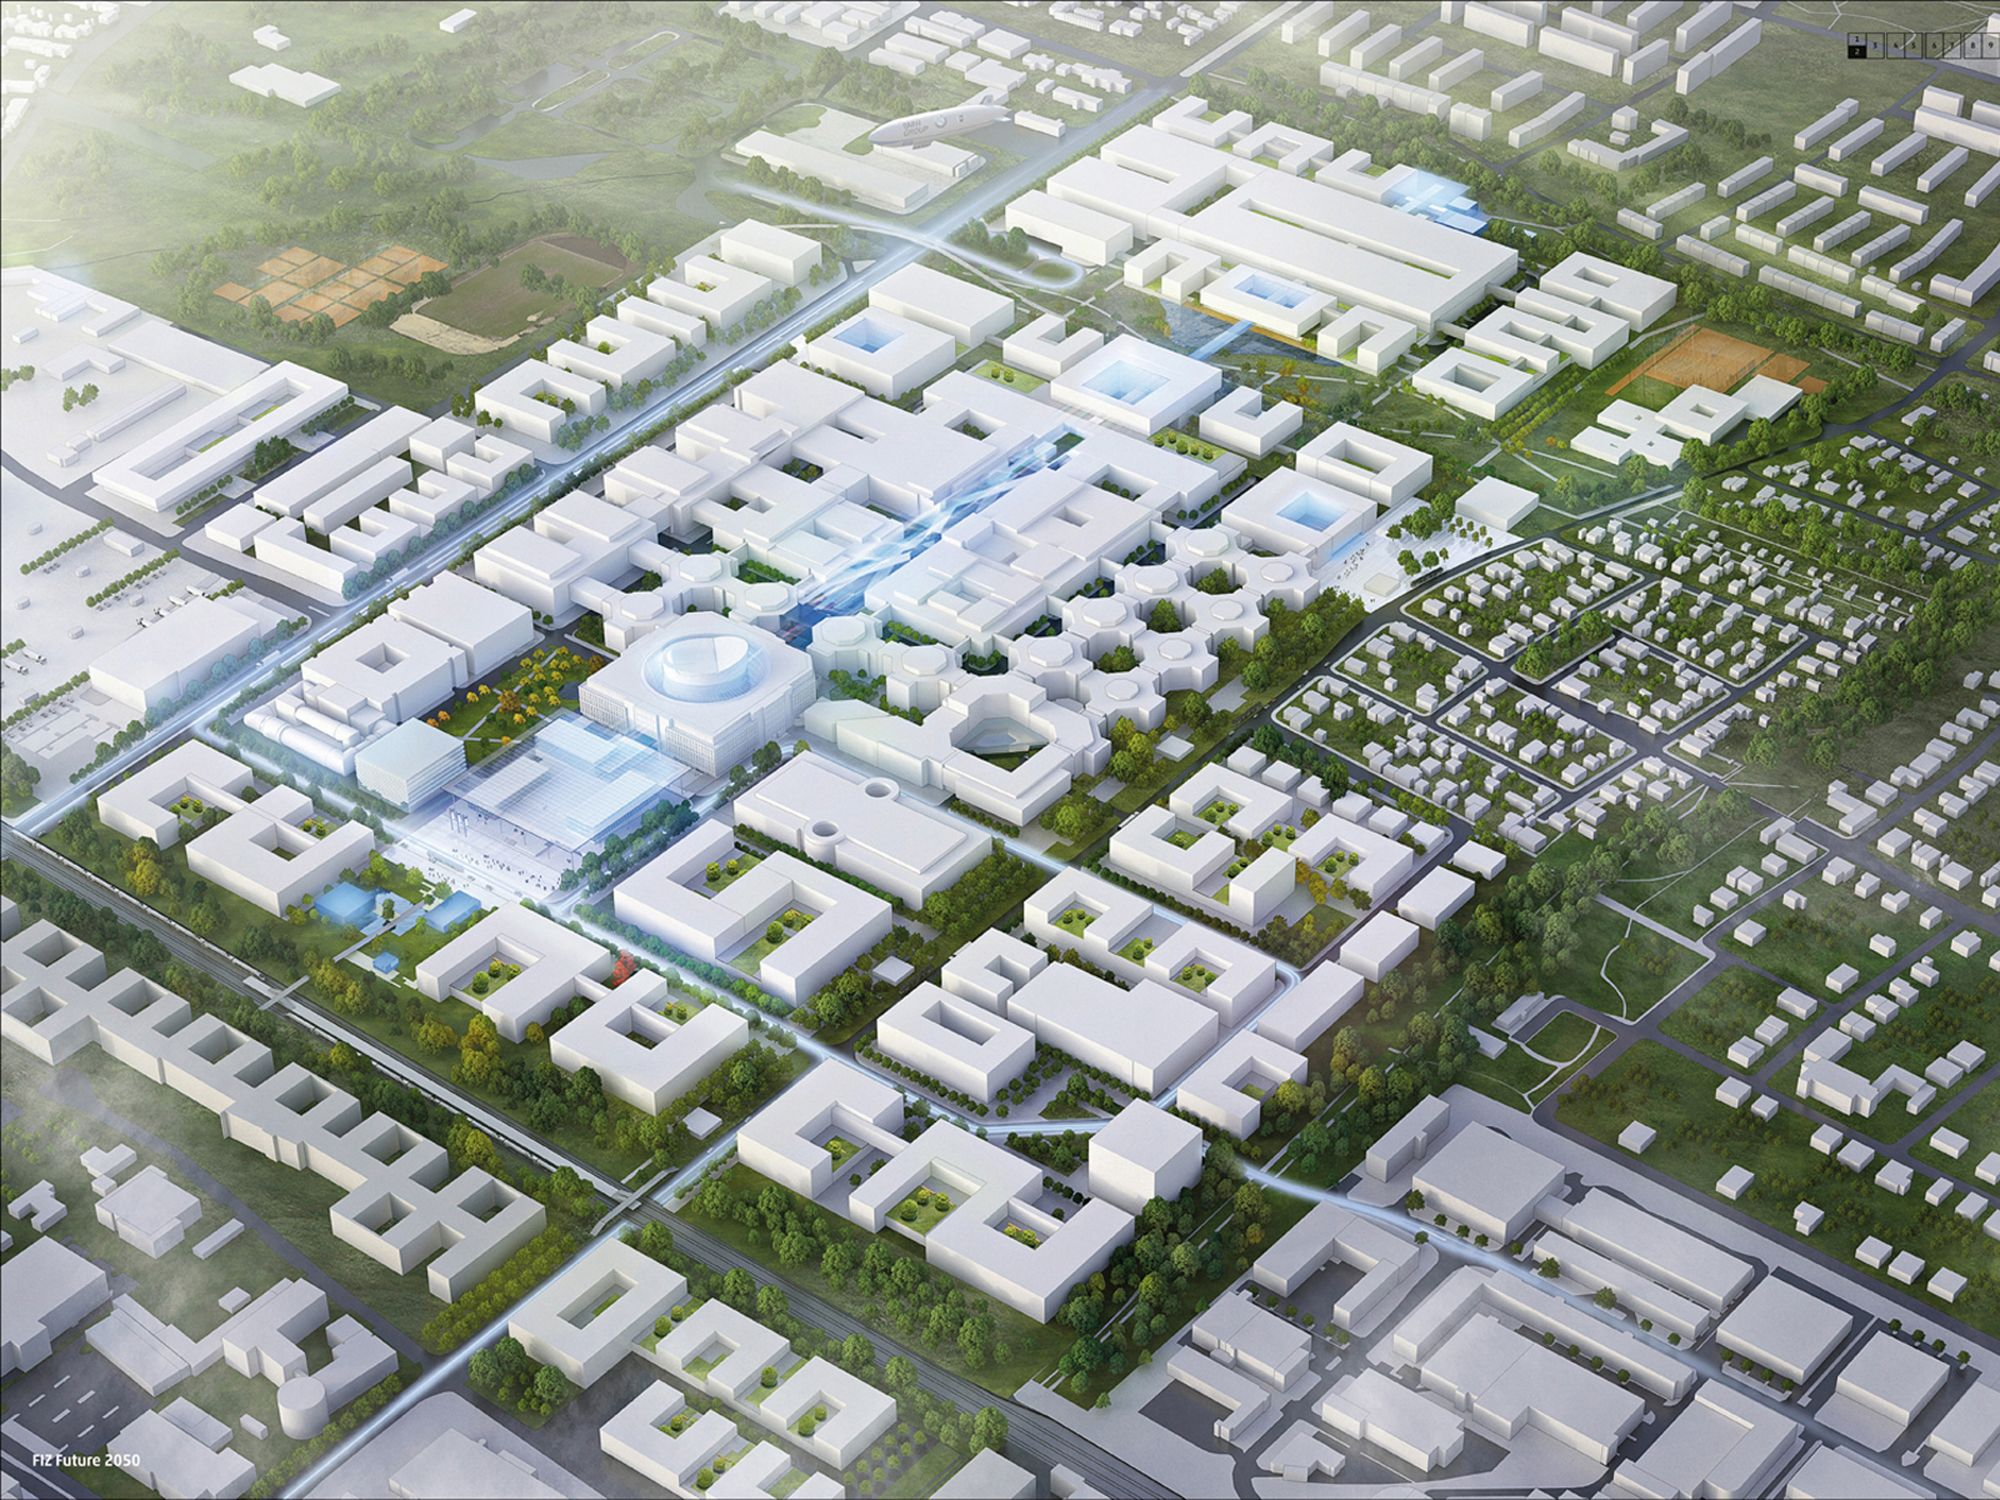 Bis 2019 soll in BMWs FIZ in München ein innovatives Arbeitsumfeld für 5.000 Mitarbeiter entstehen. Bild BMW